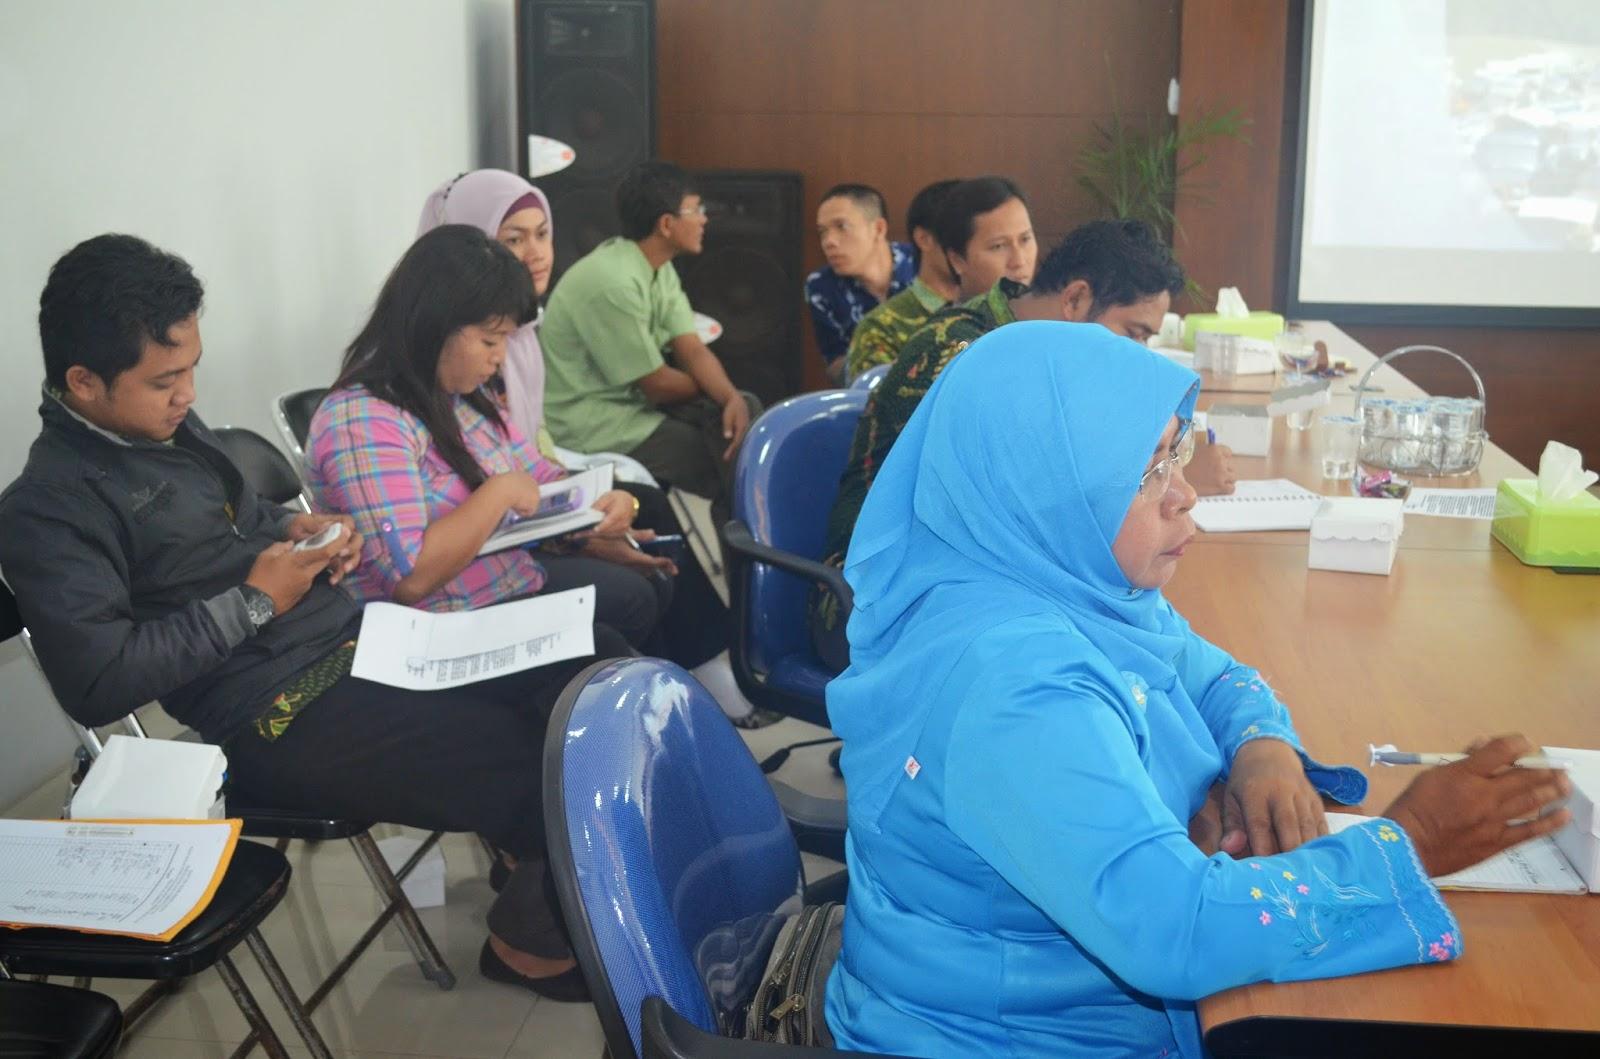 Pembentukan Unit Pengumpul Zakat Upz Balai Penelitian Taman Nasional Bali